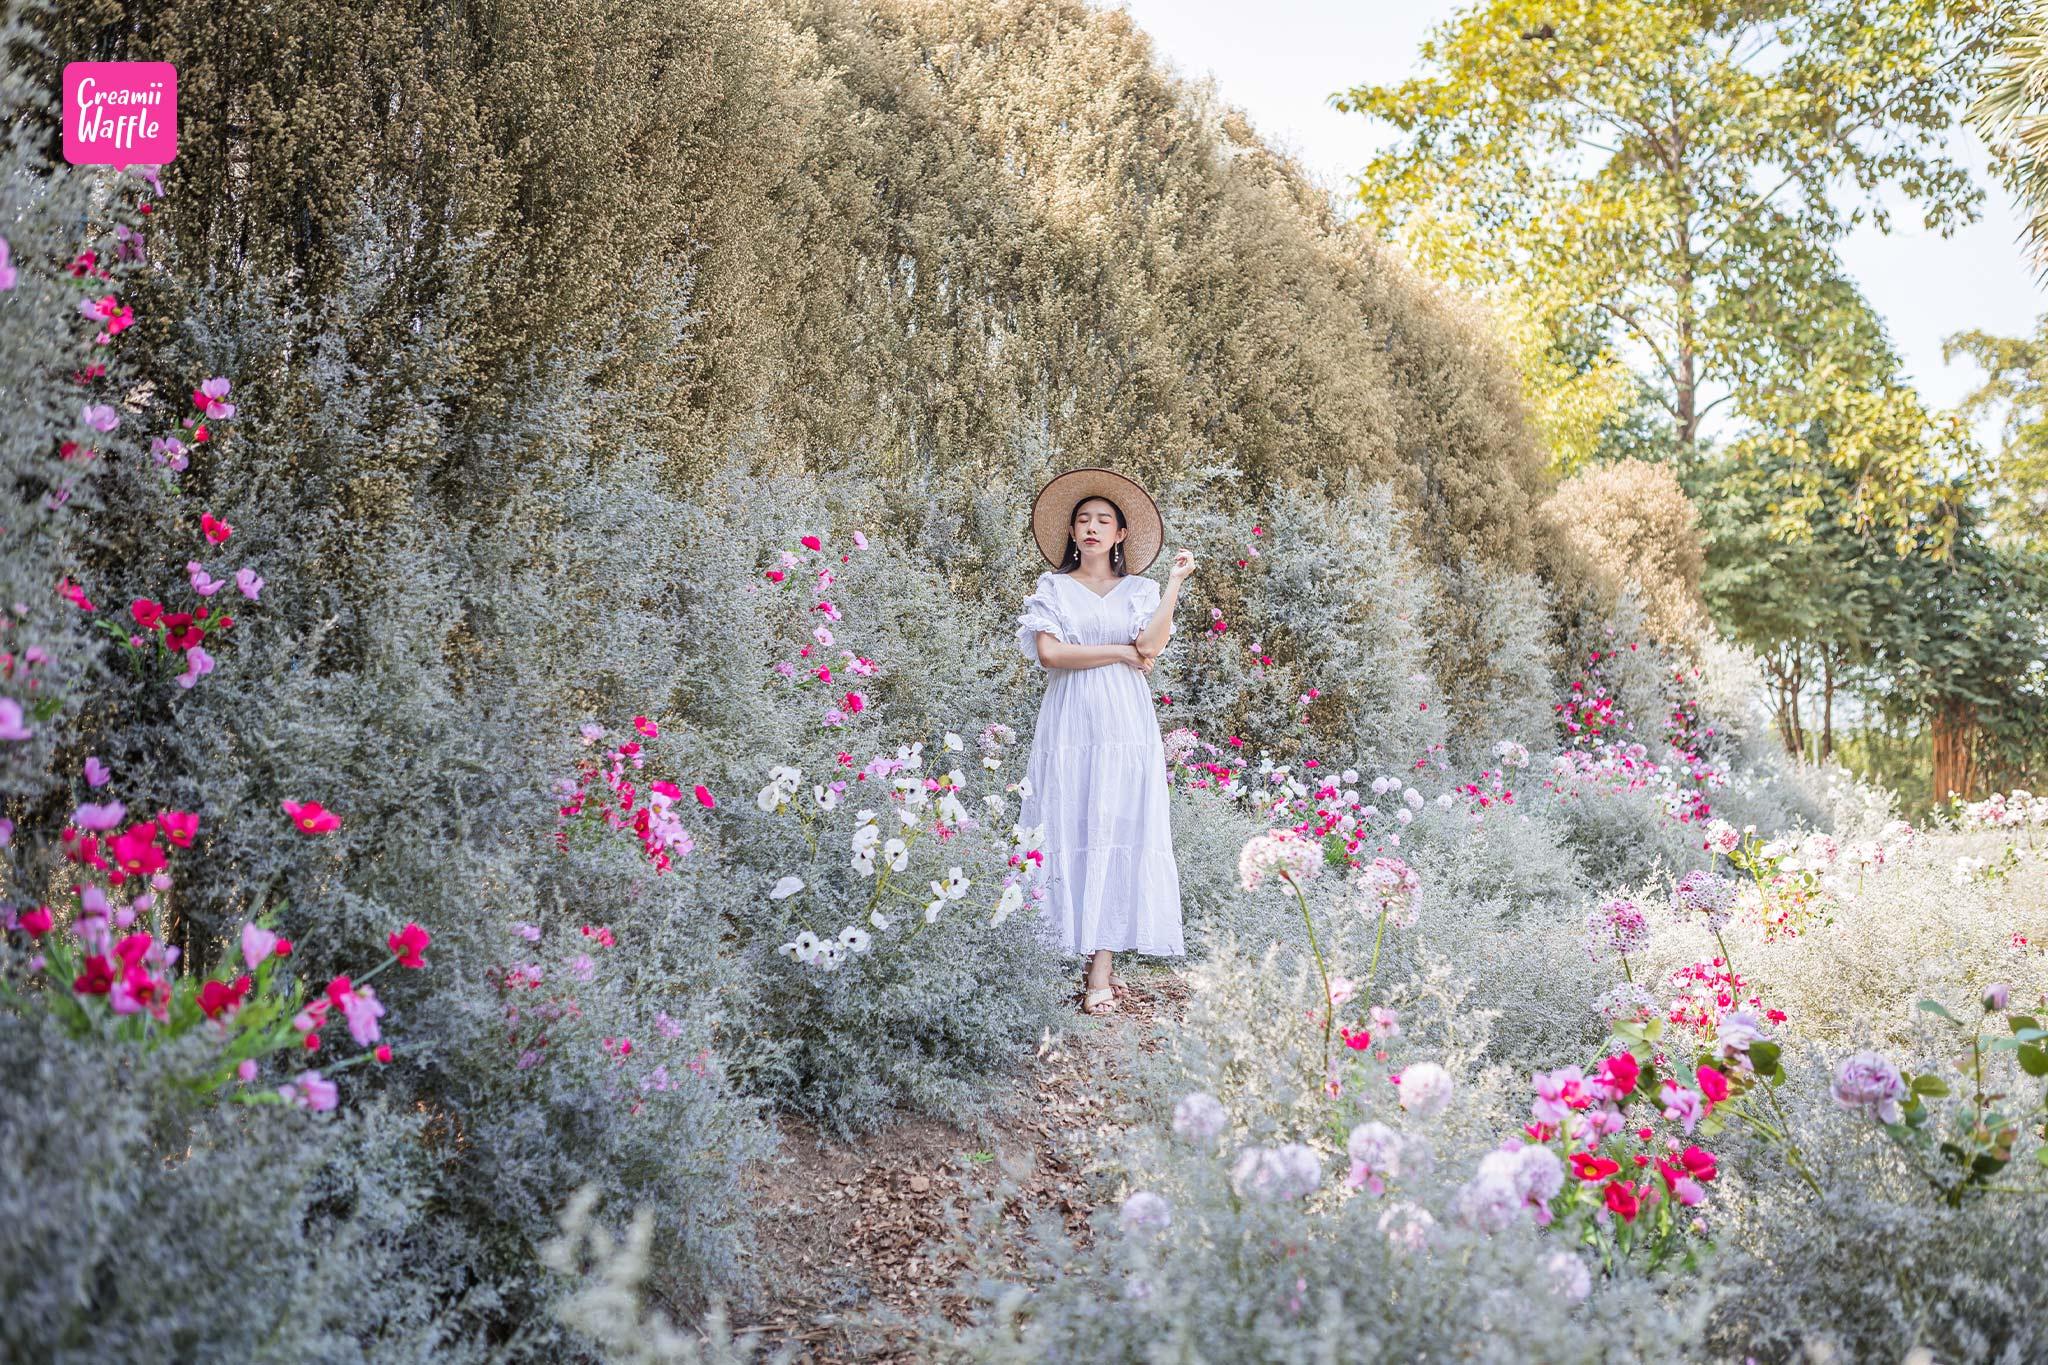 เที่ยว รักดอก RakDok มหัศจรรย์แดนมาลี ราชบุรี งานดอกไม้